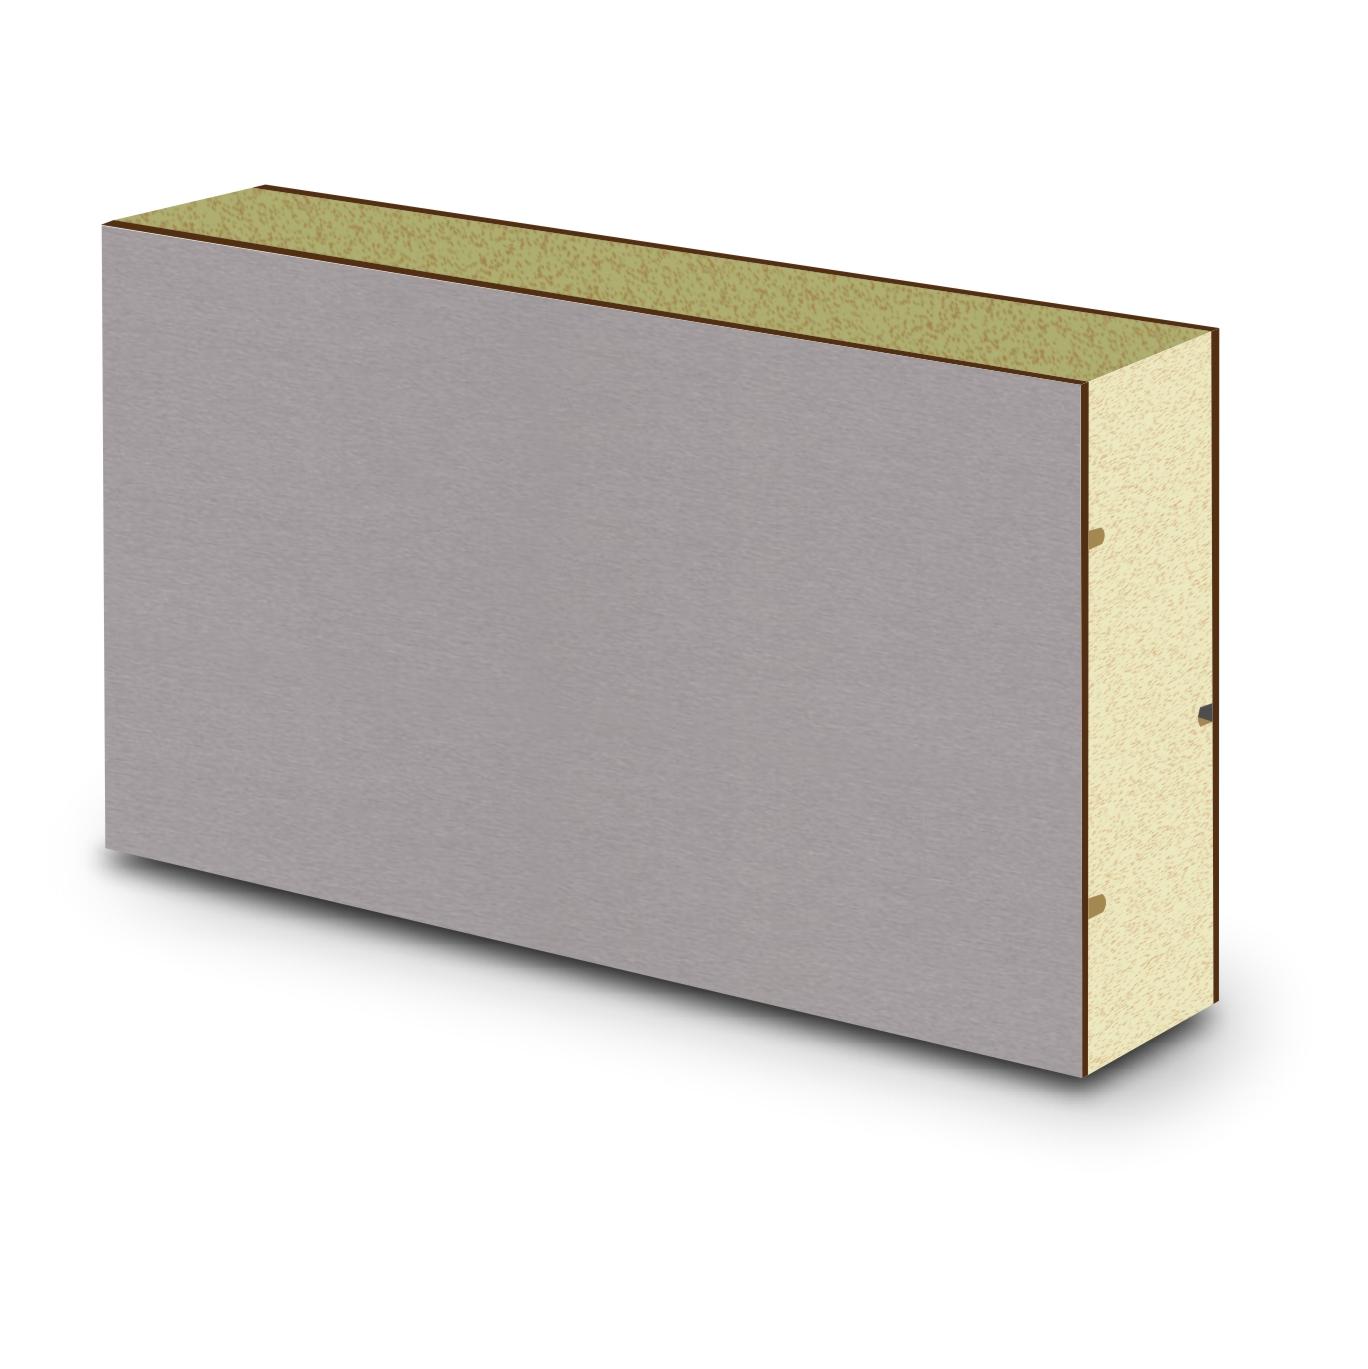 plyta-436-1001-Hornschuch Metbrush-aluminium